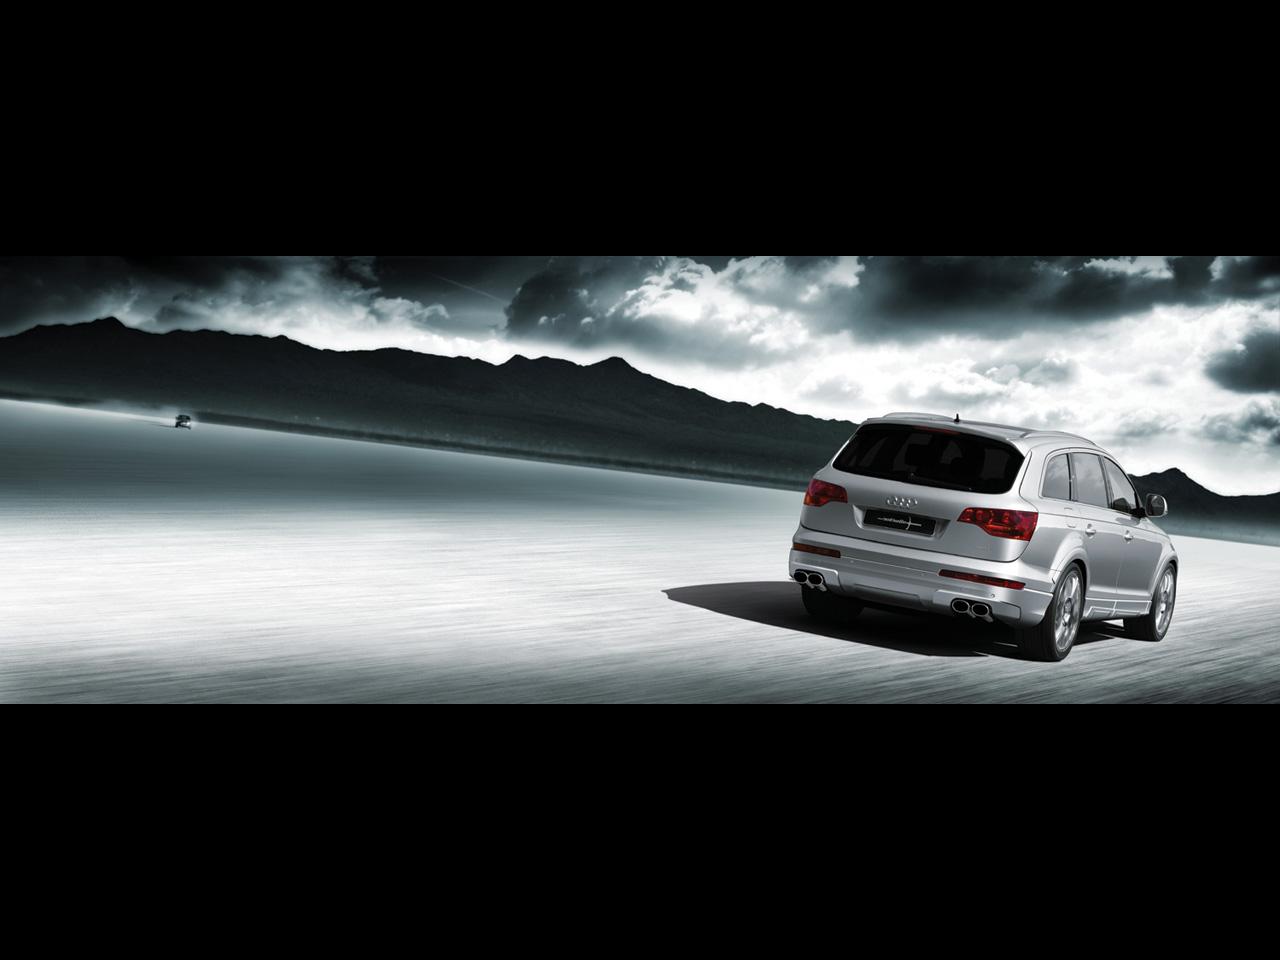 2006-Nothelle-Audi-Q7-RA-1280x960